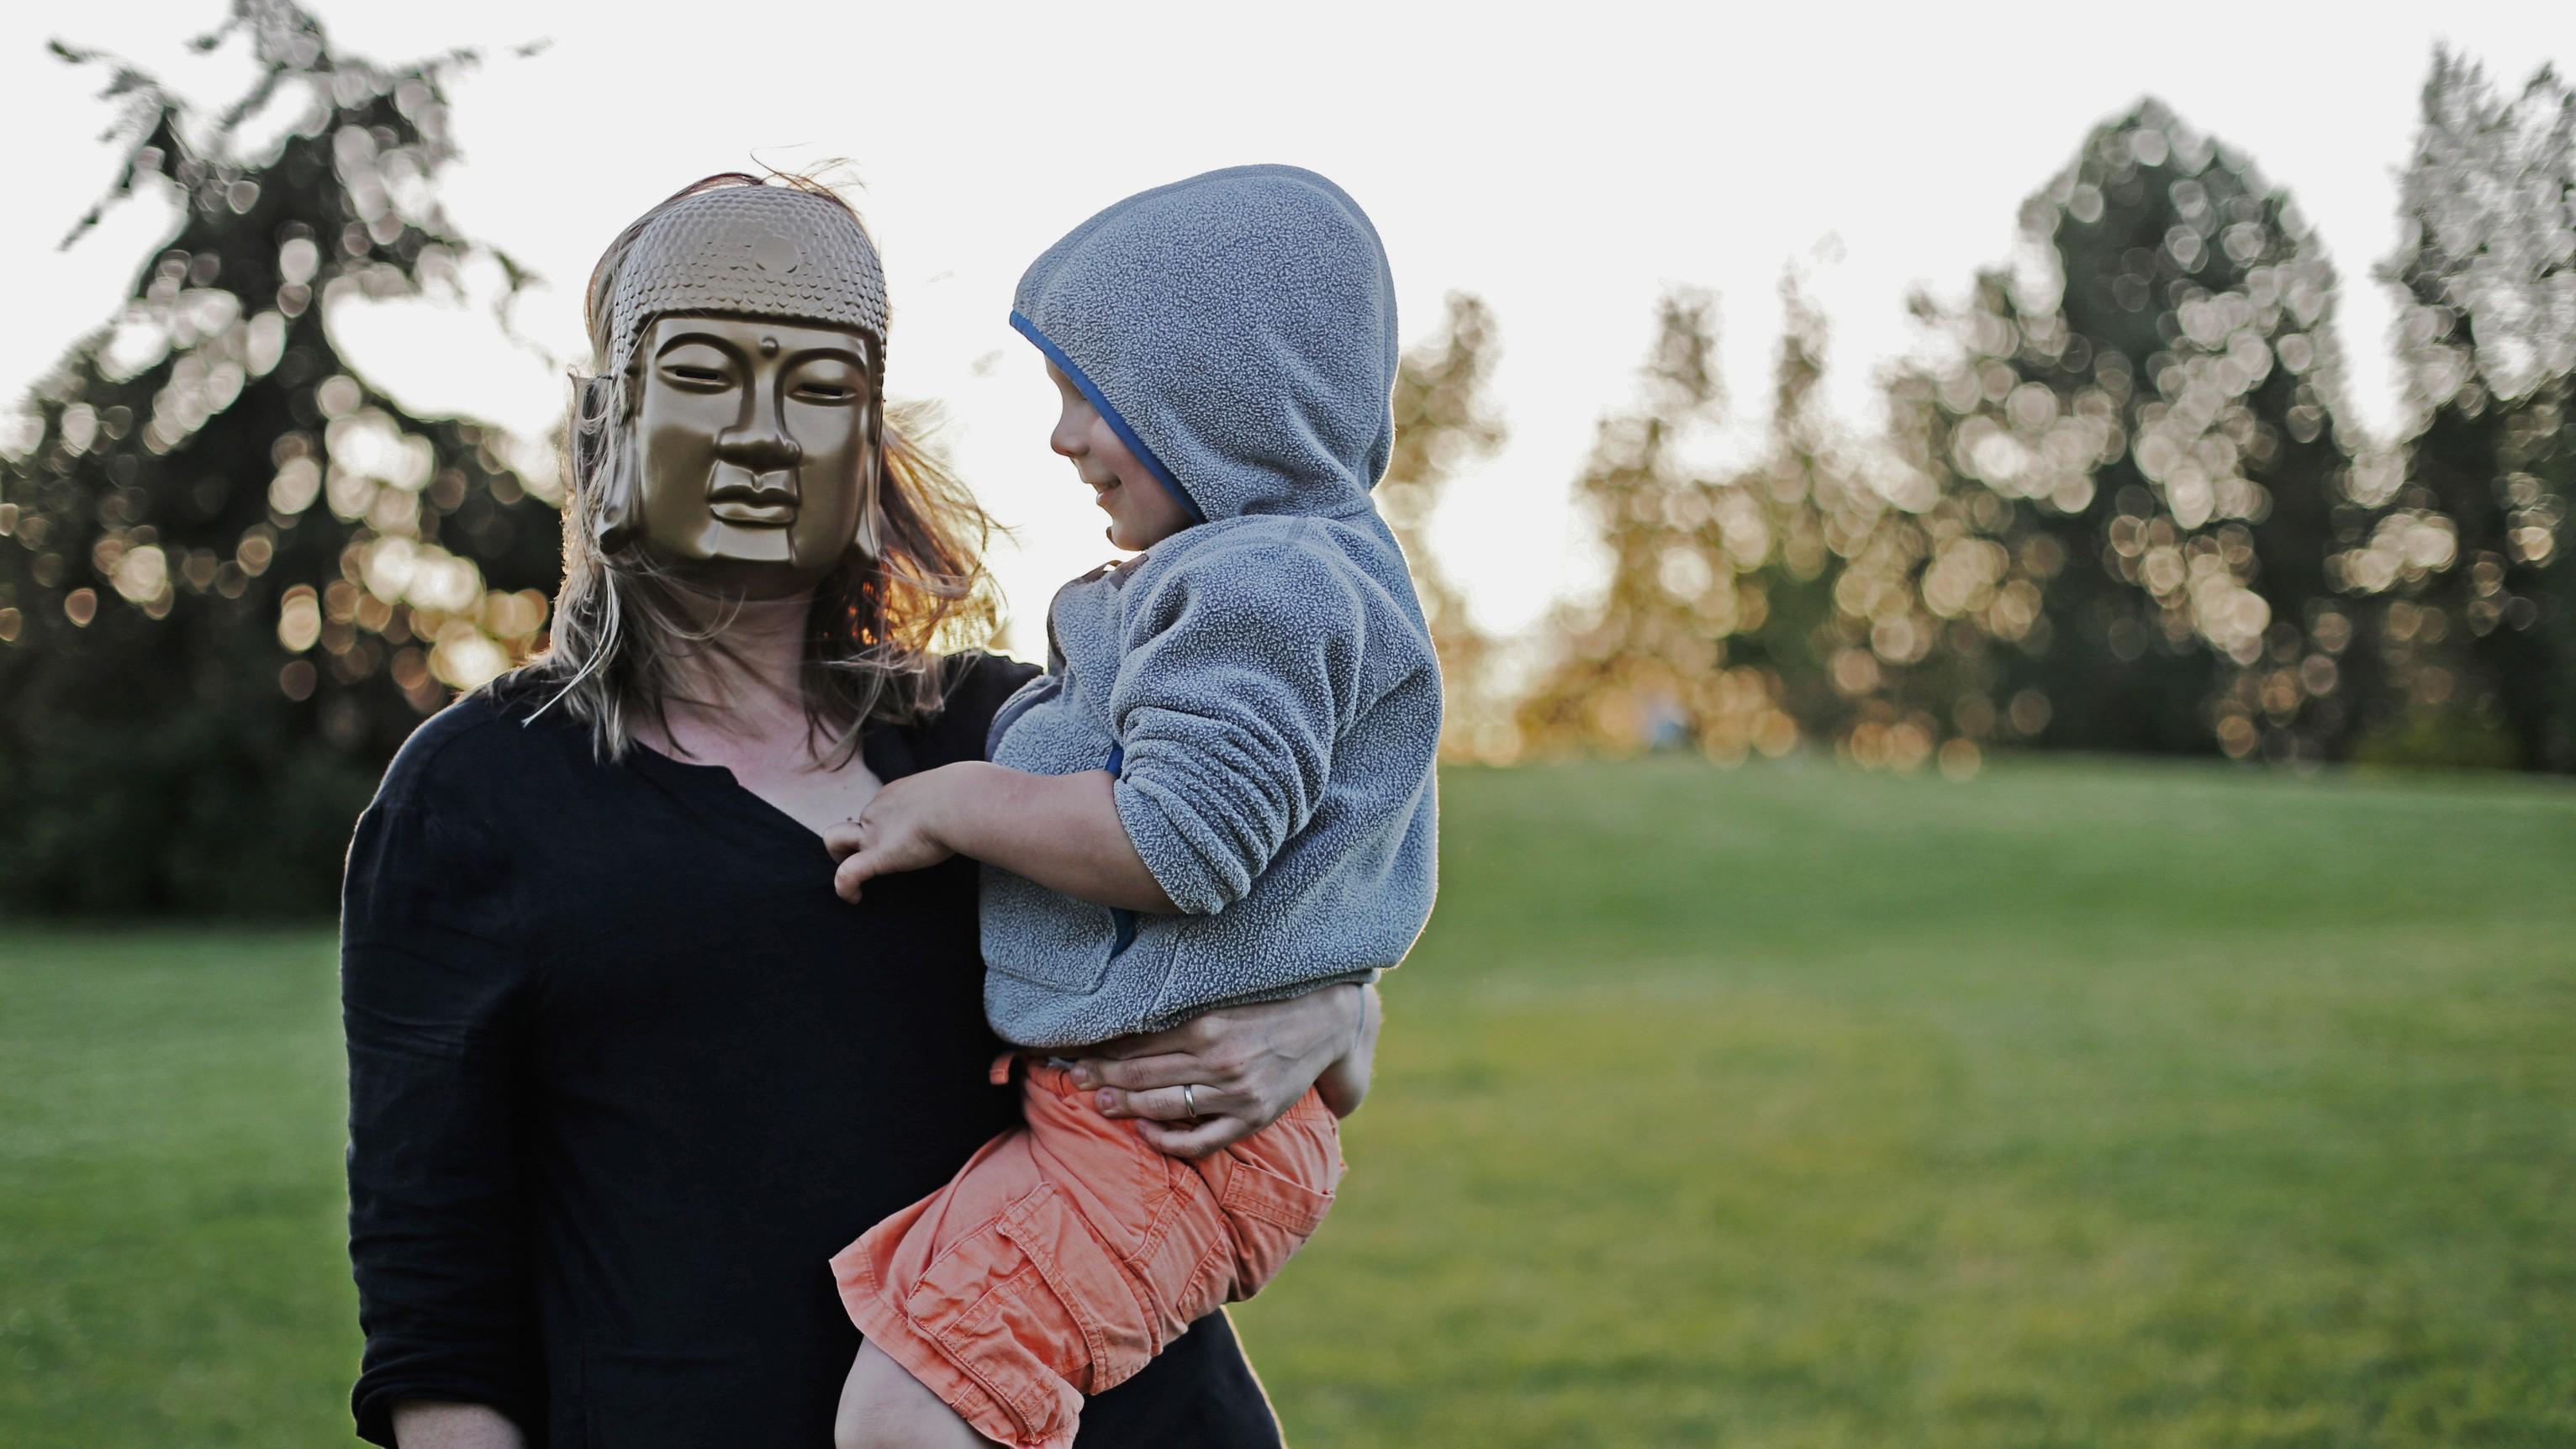 COOT - Coparentalité: Quelle attitude adopter au moment de l'échange de ses enfants ?